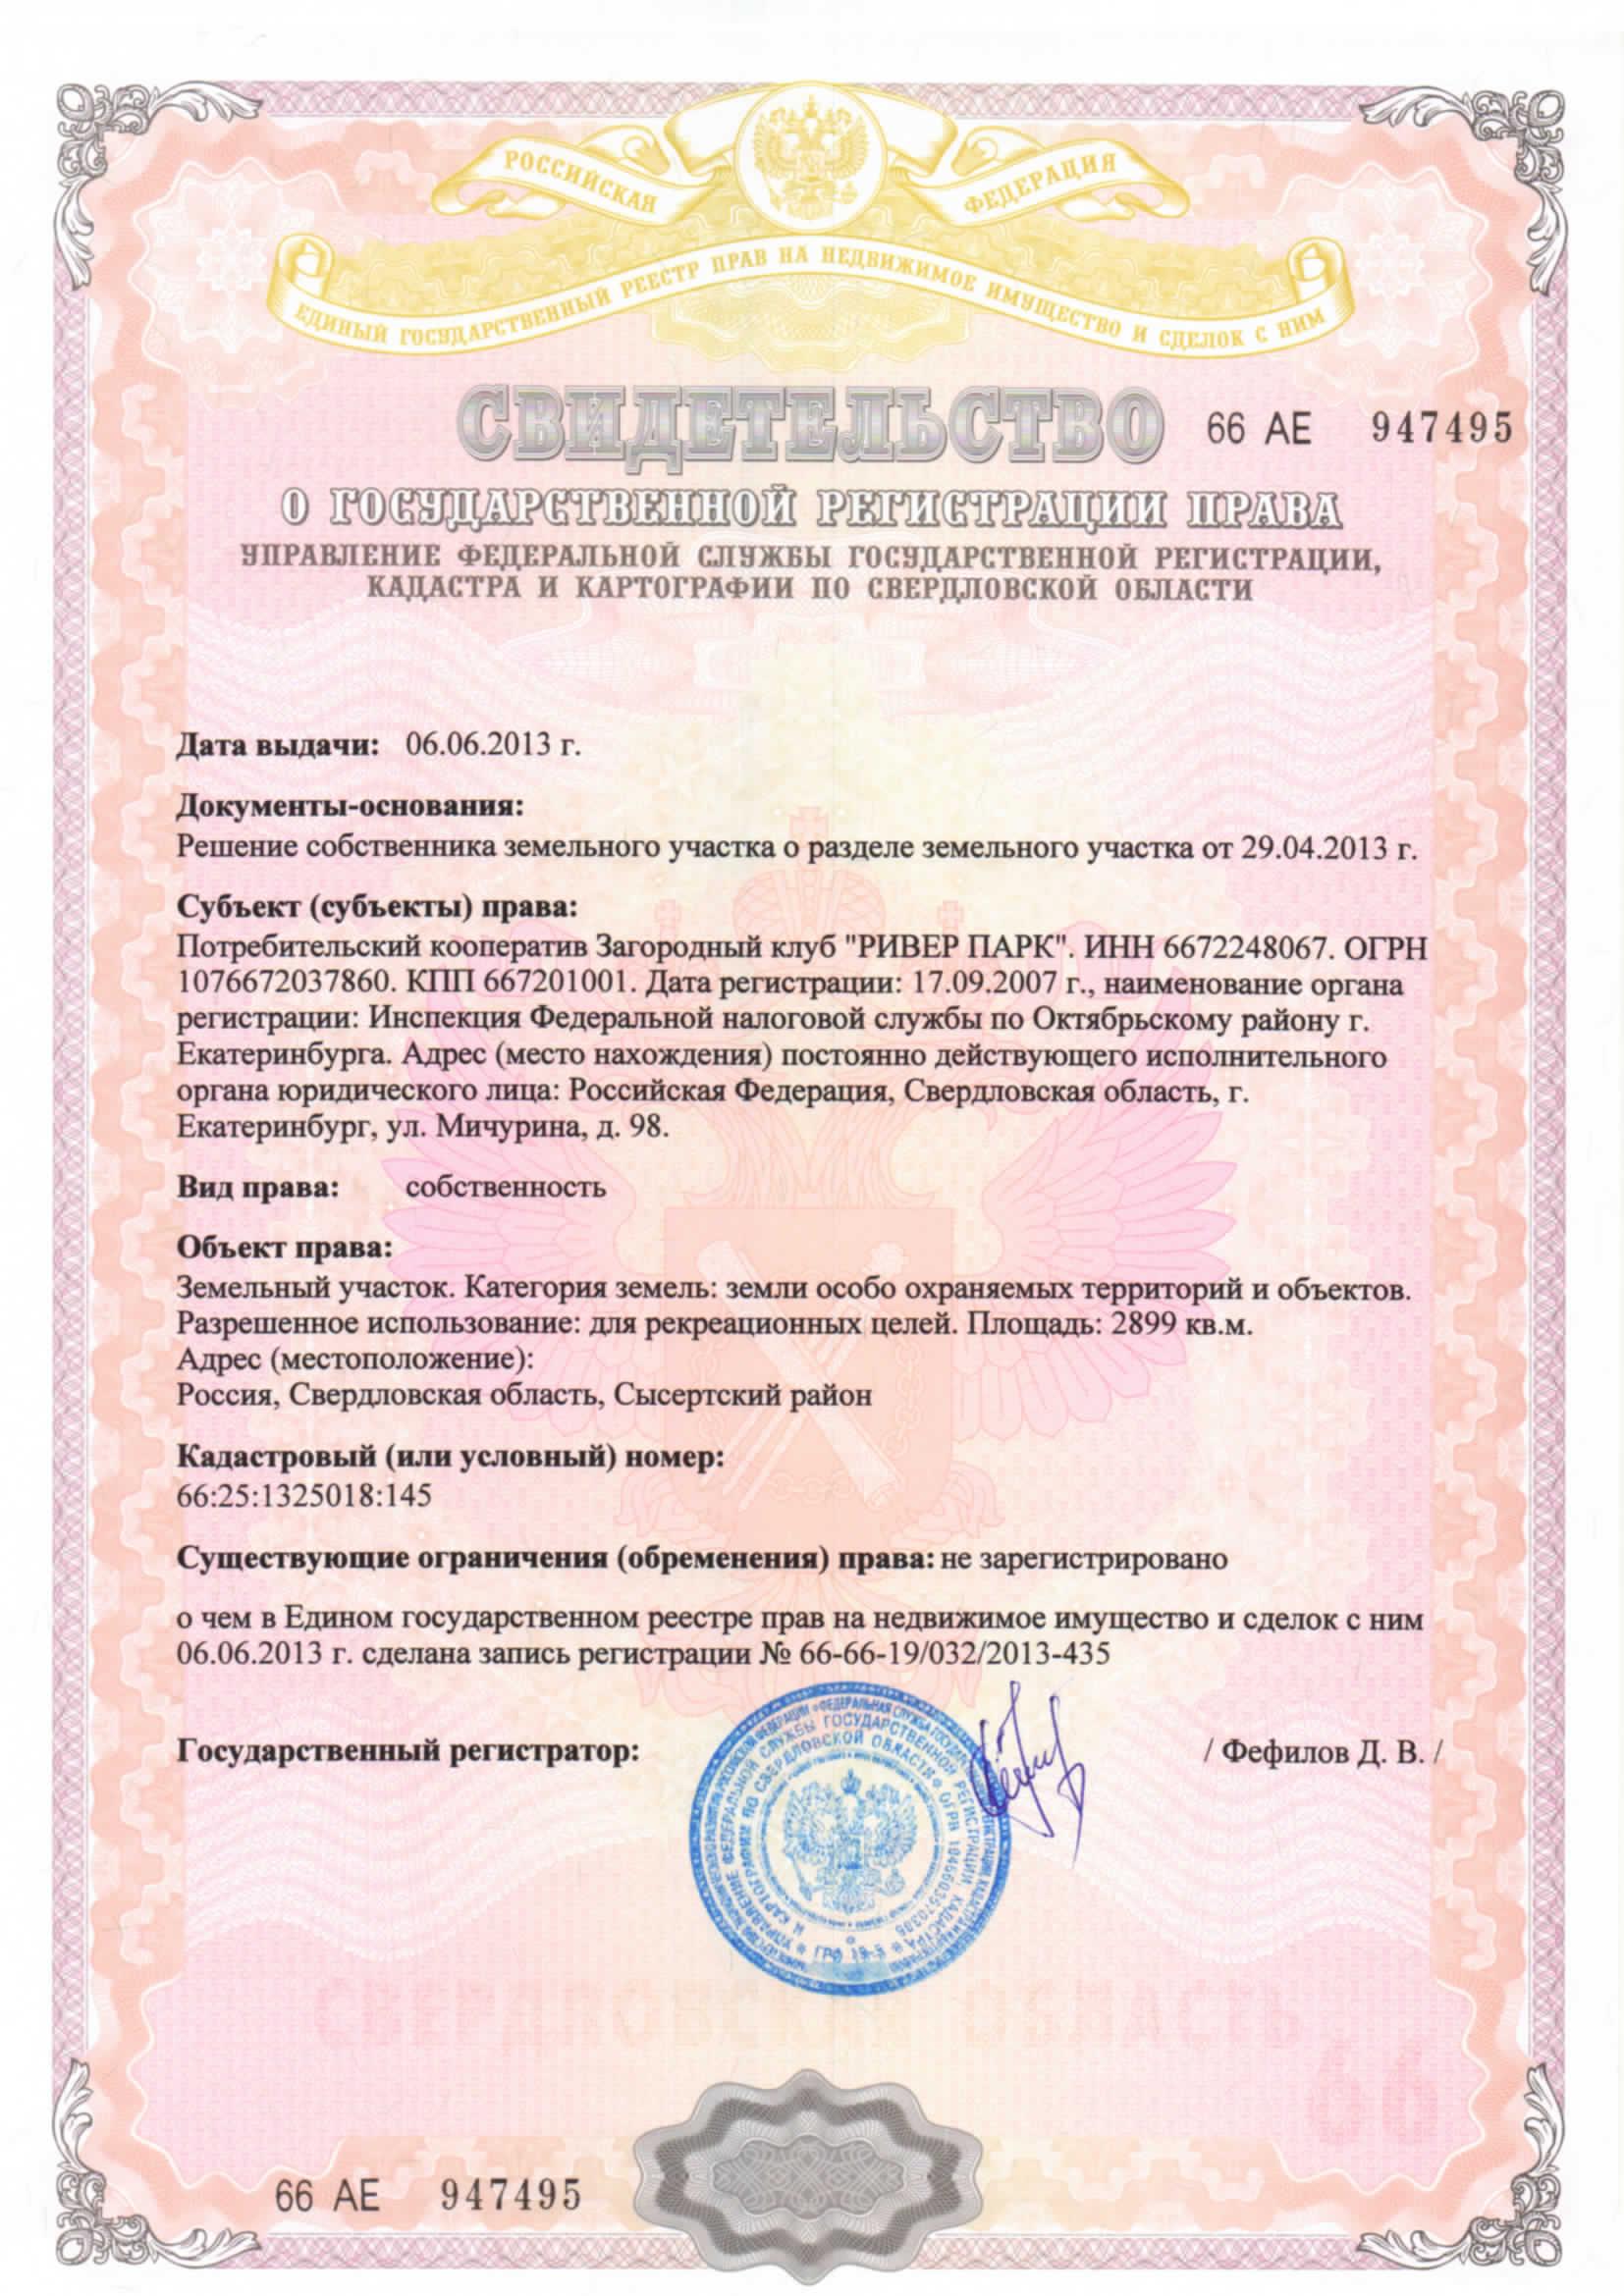 солнца регистрация прав собственности ипотека в московской области могу